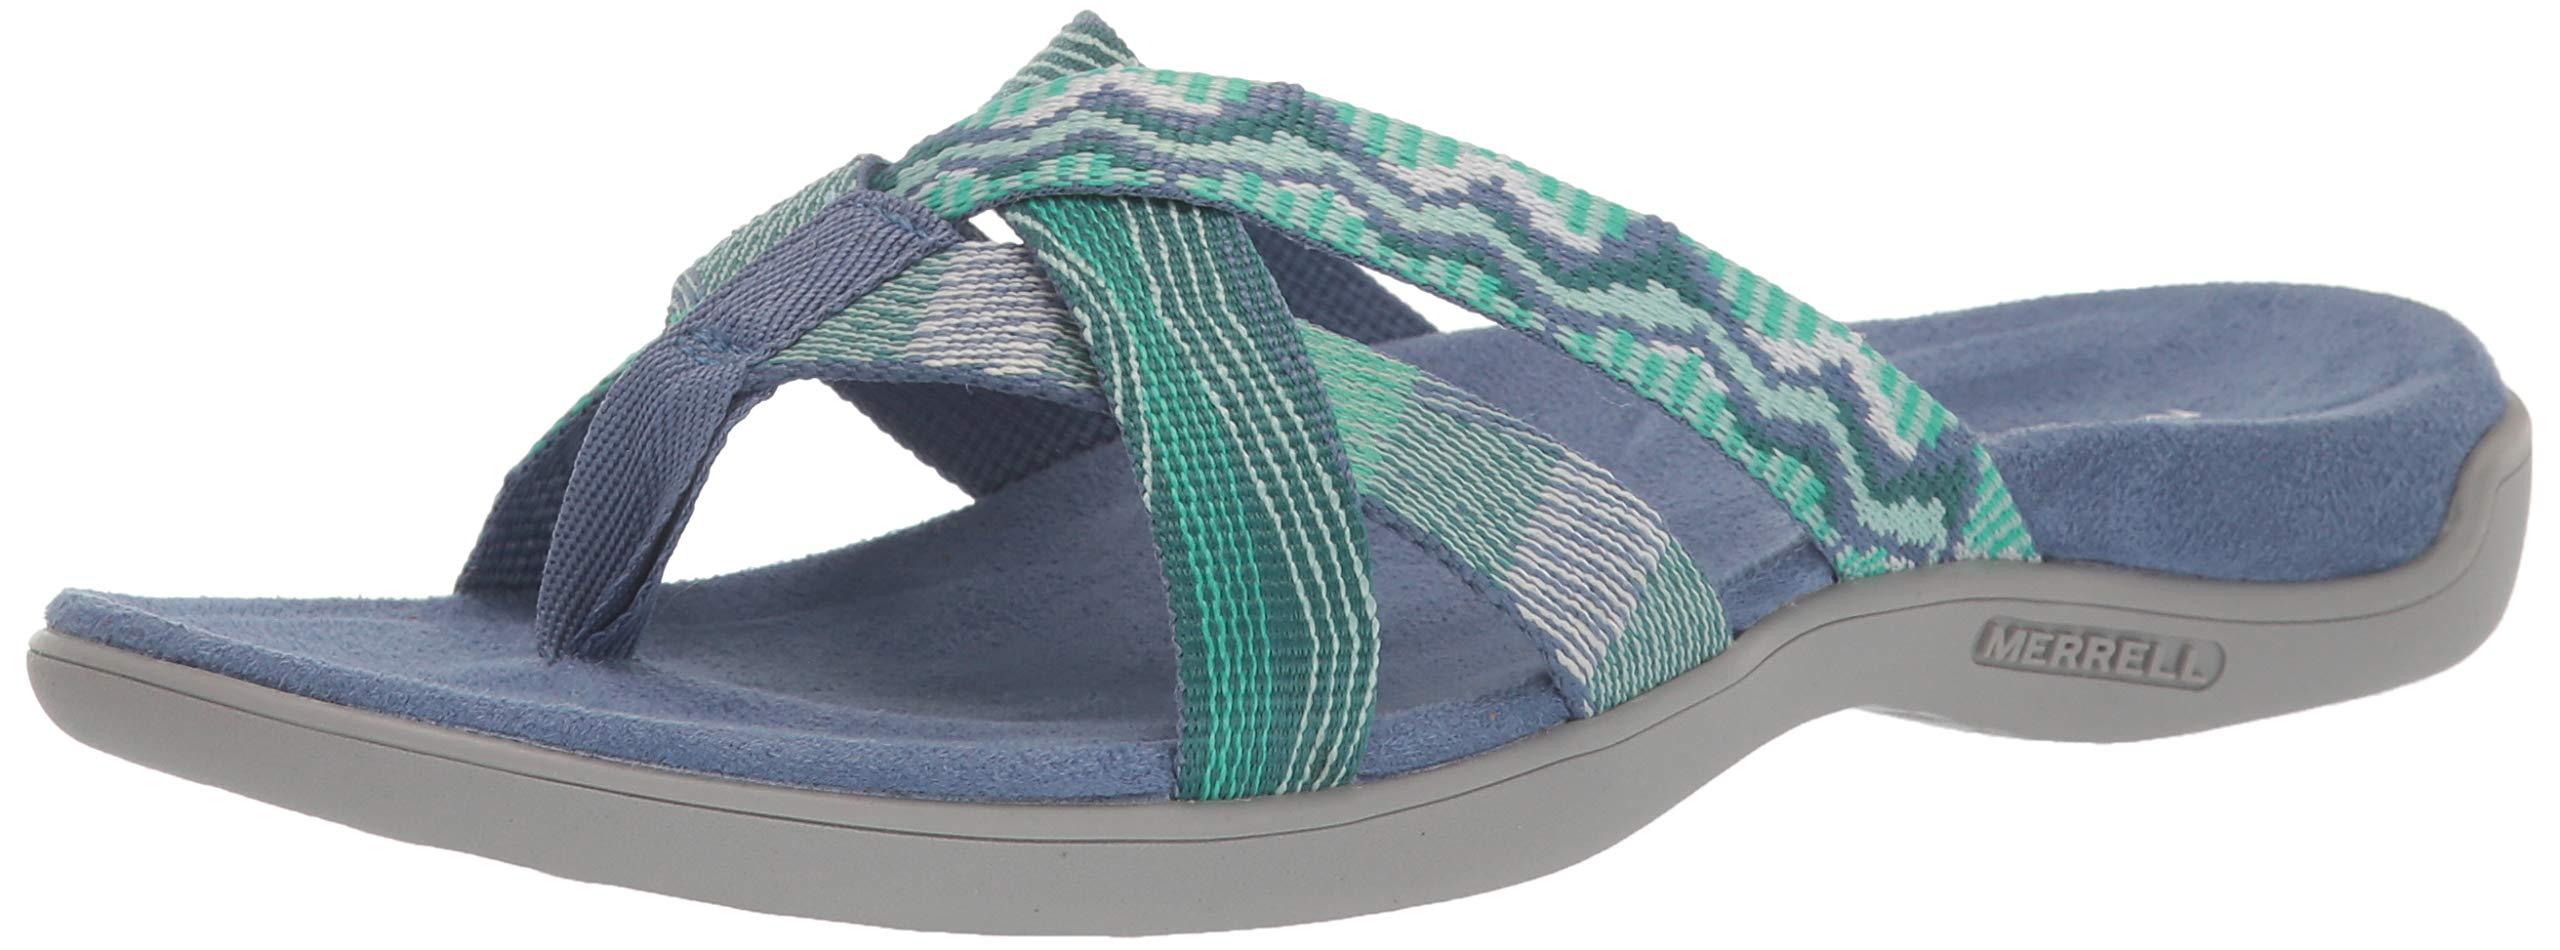 Merrell Women's J000326 Sandal